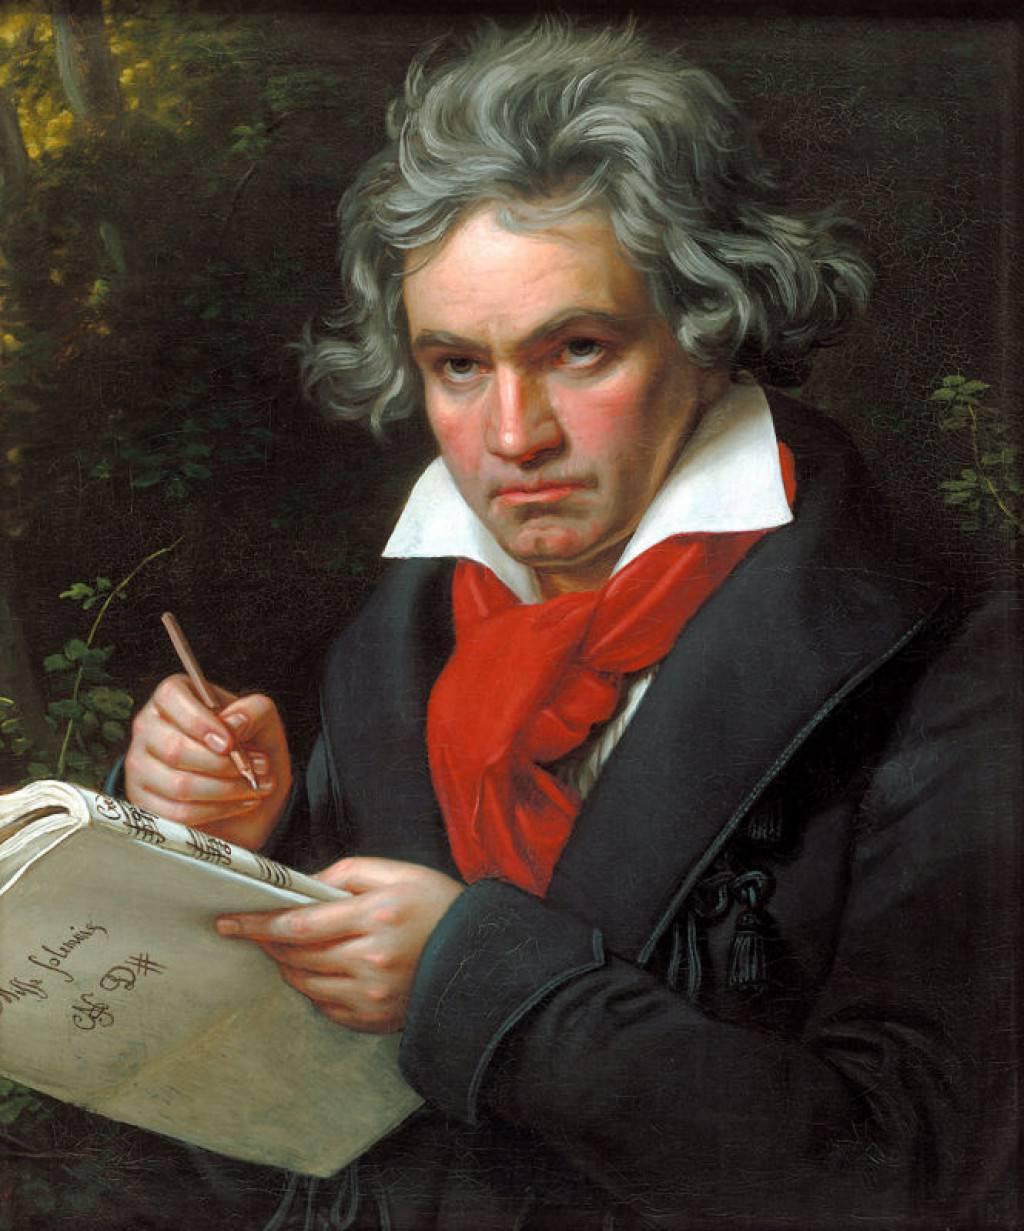 2-daagse vtbKultuur-trip '250 jaar Beethoven in Bonn' - VOLGEBOEKT